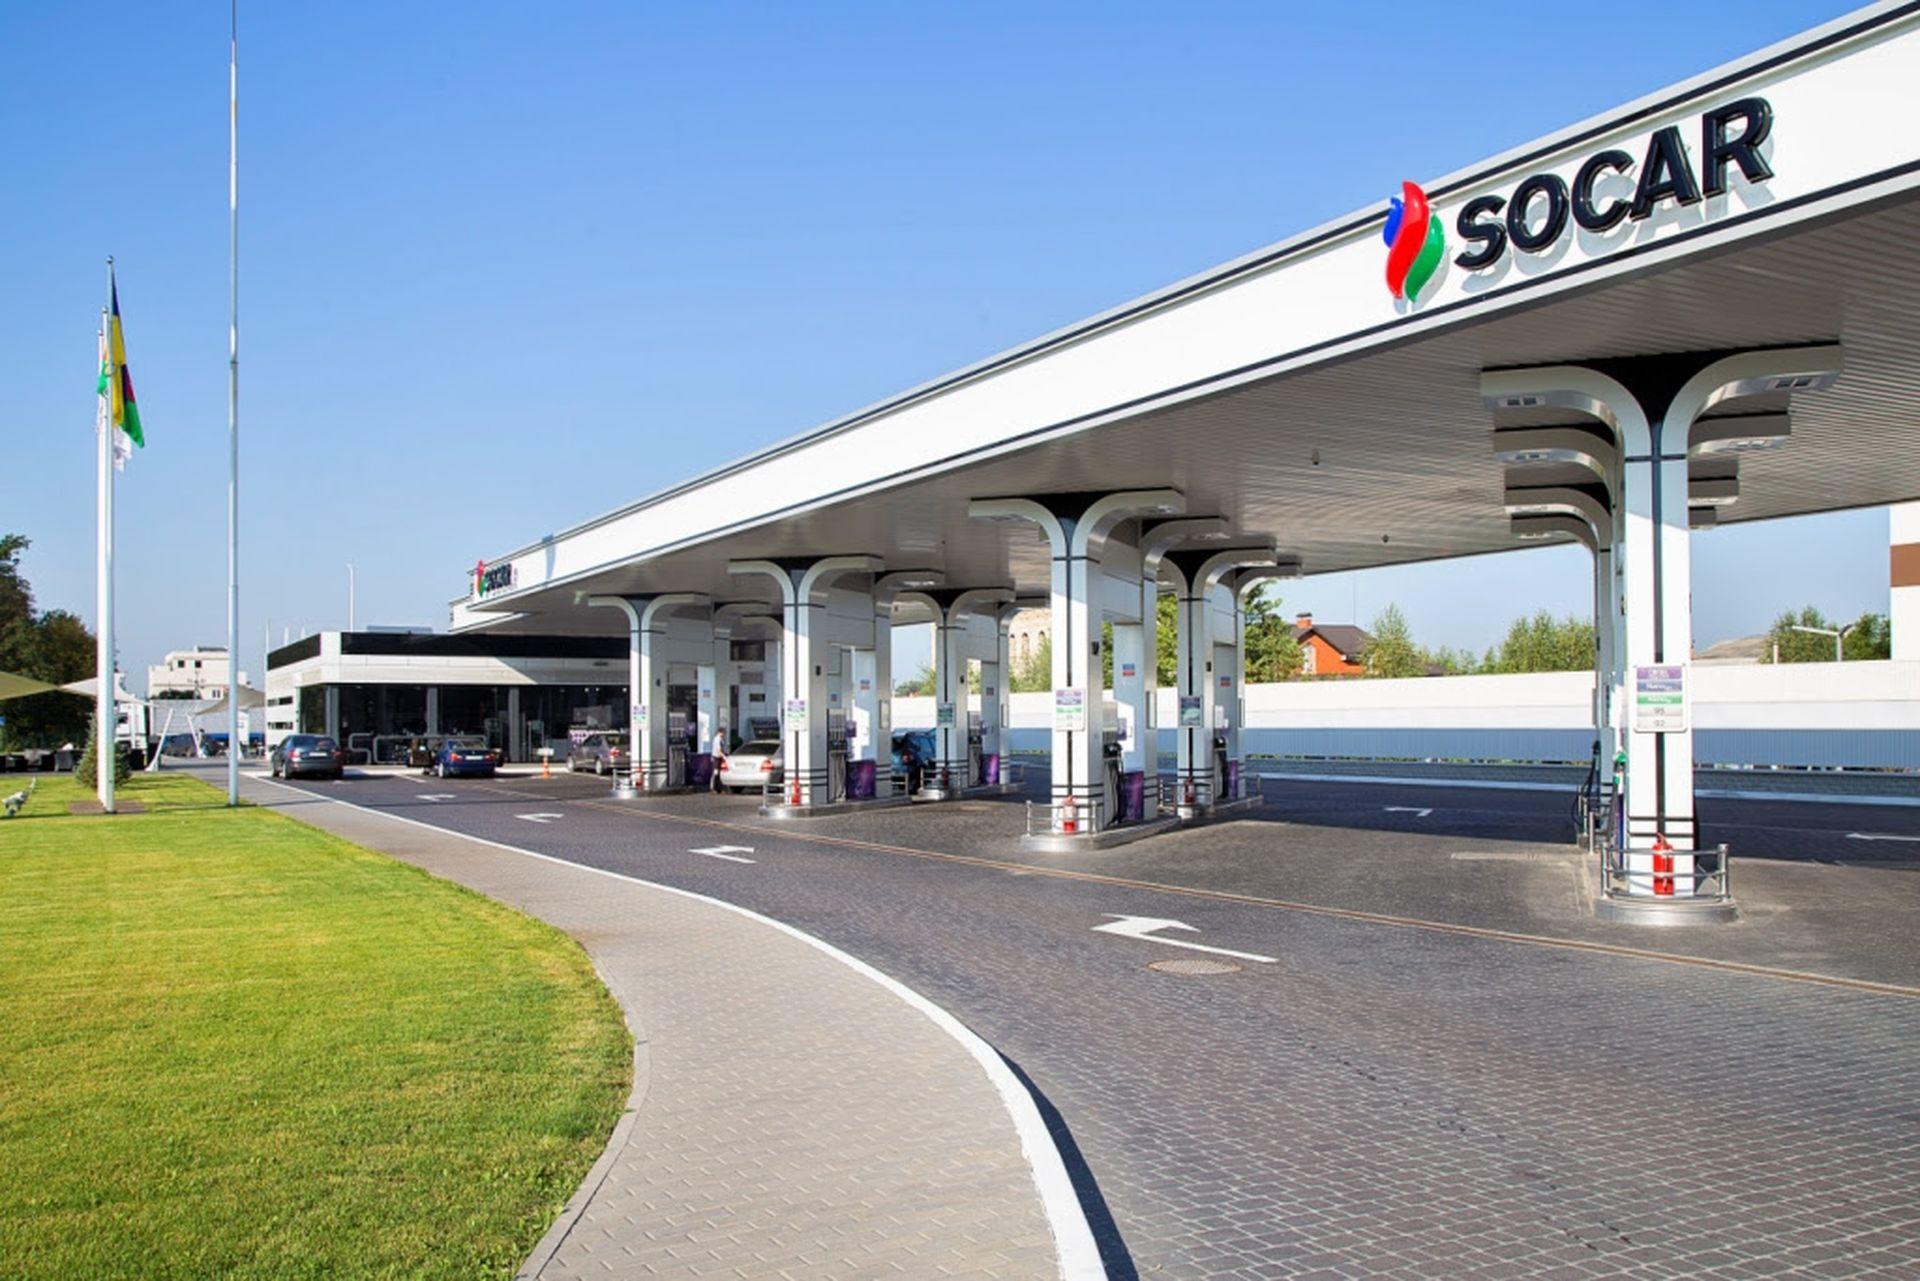 У Socar розповіли, як зріс попит на зарядні станції з початку 2018 року